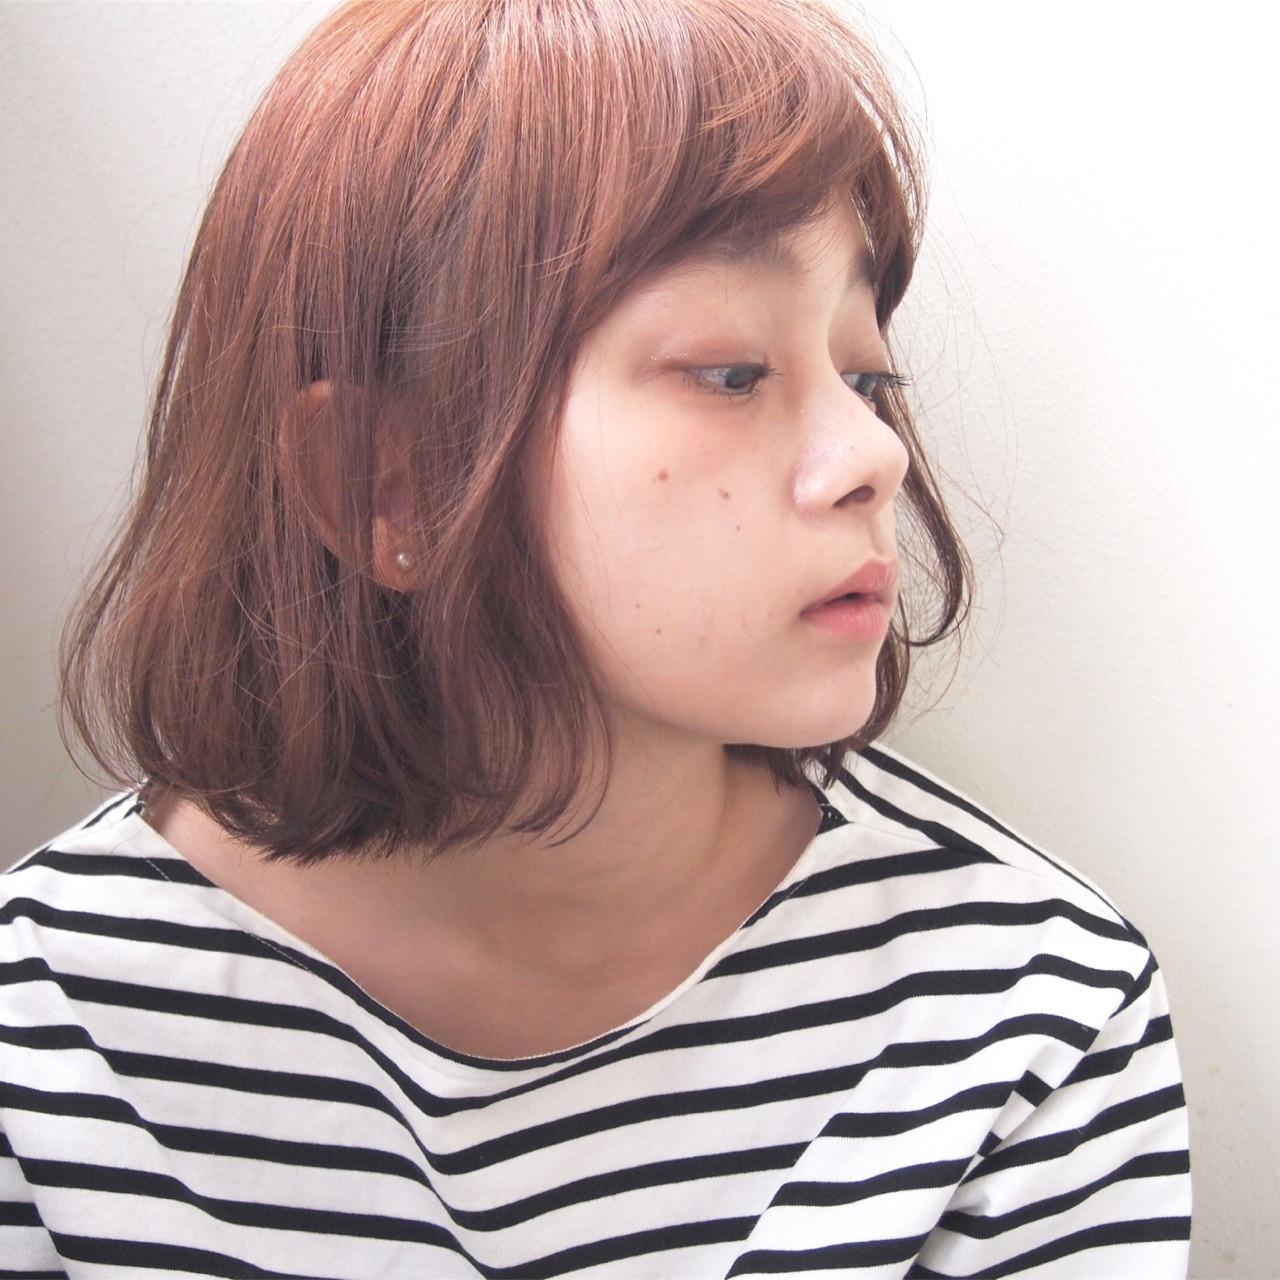 オレンジヘアカラーが似合う人って? UEKI/nanuk